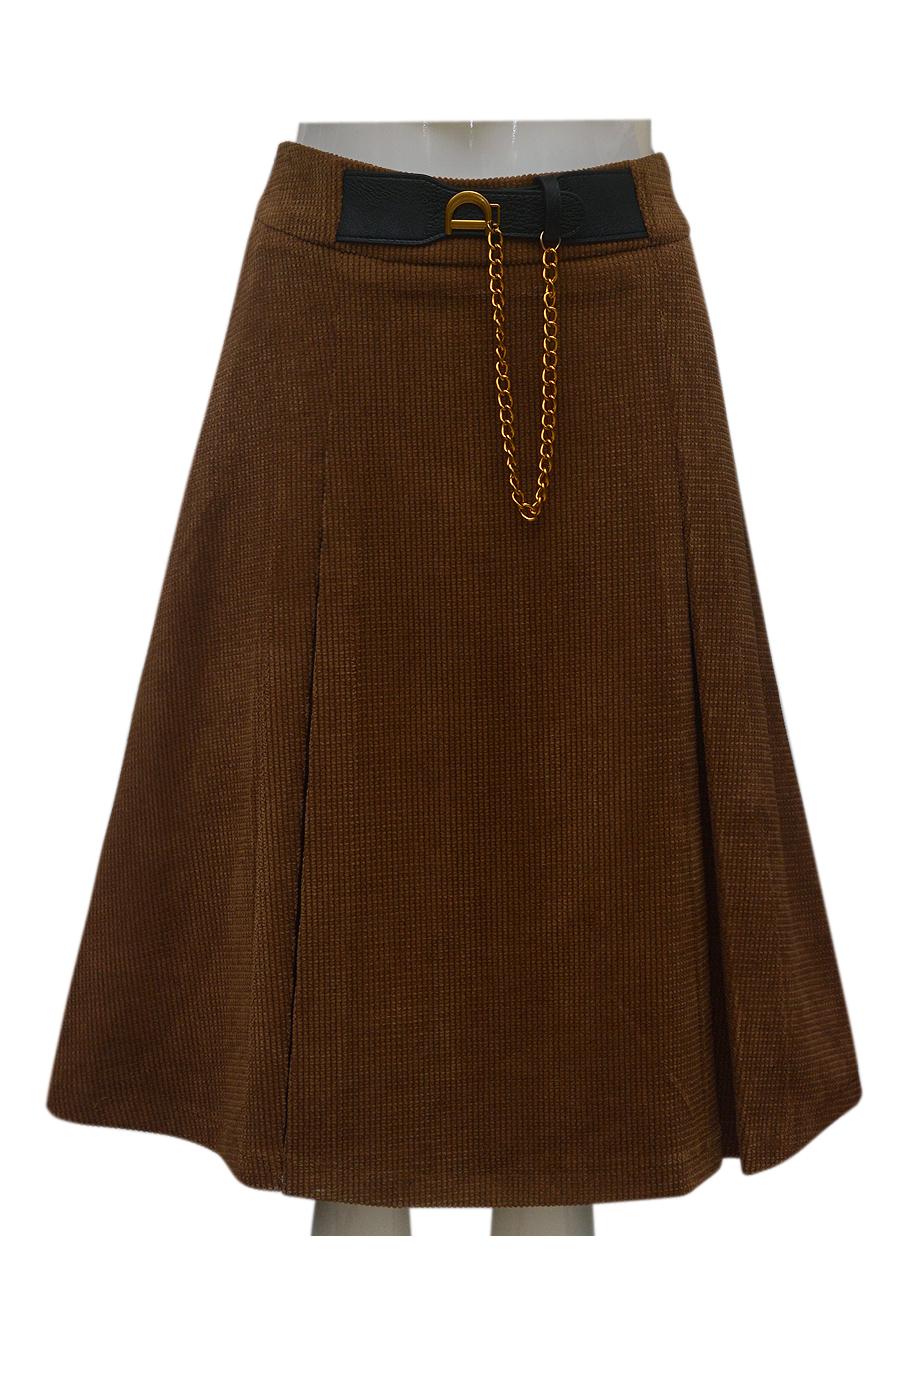 Chân váy nhung tăm ELMI thời trang cao cấp màu nâu EV54